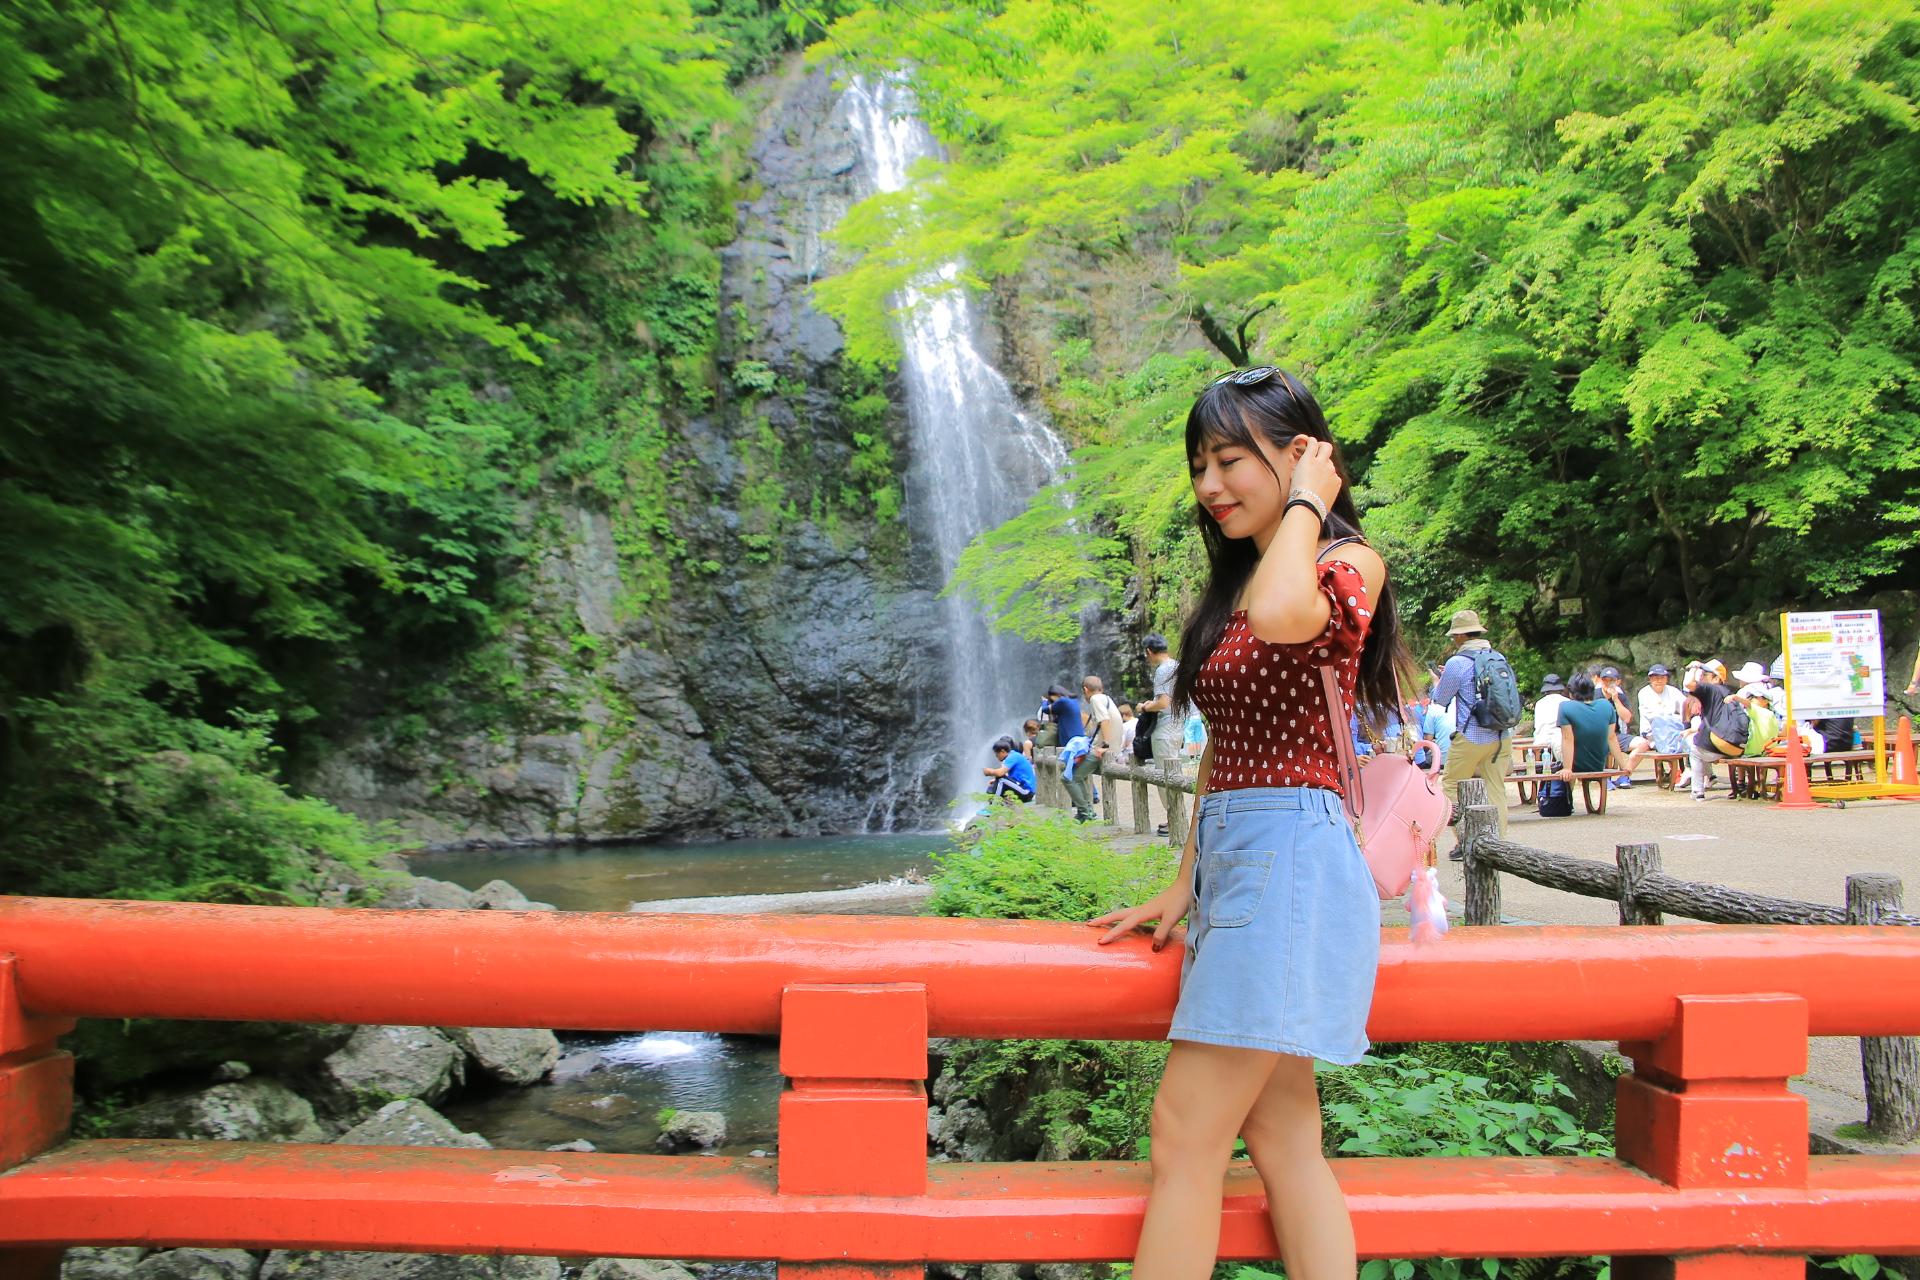 【大阪自由行2018】大阪神戶自由行攻略,半日/一日遊行程規劃 @小環妞 幸福足跡